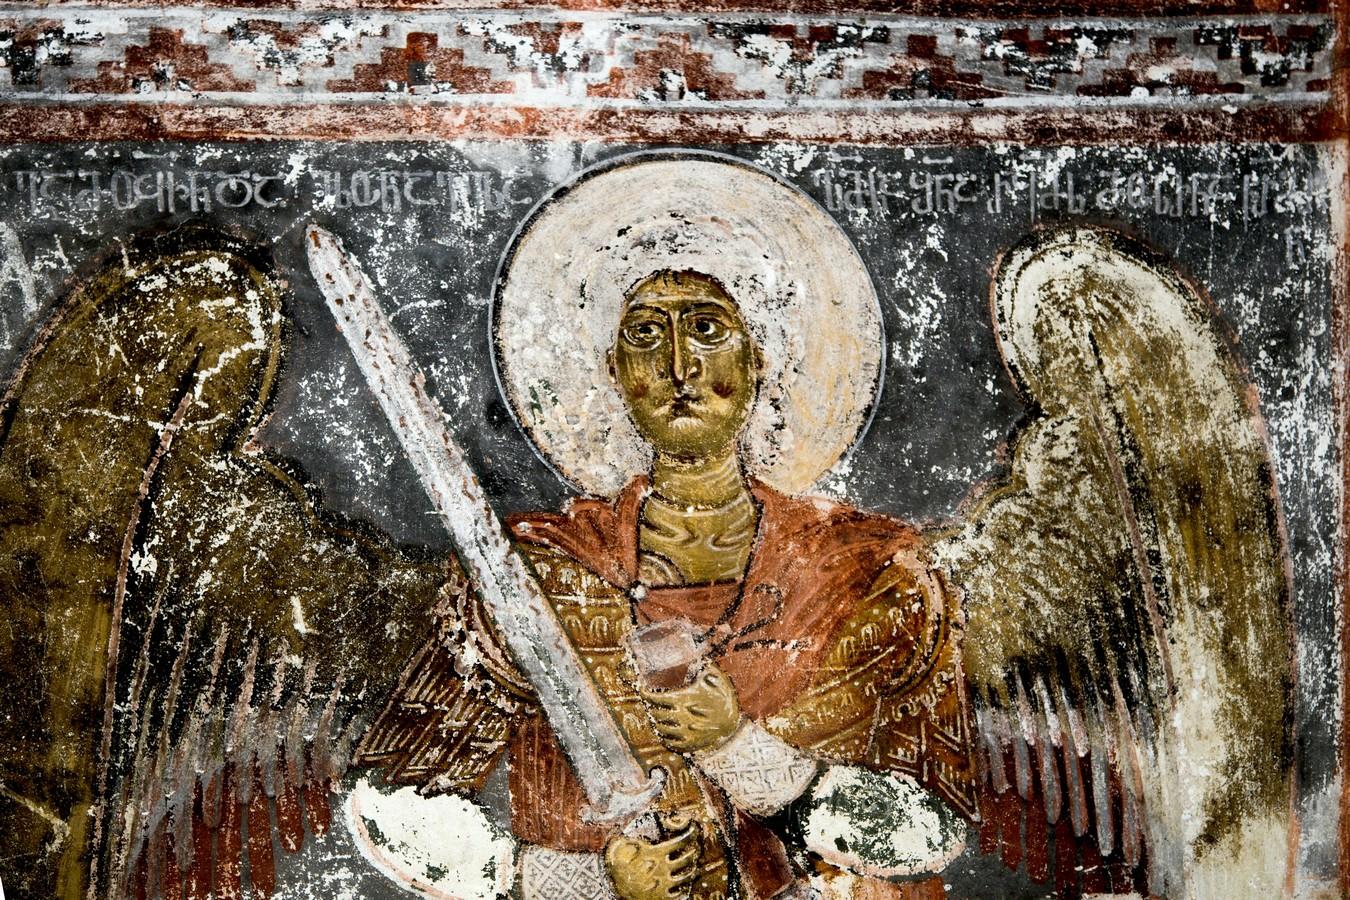 Архангел Михаил. Фреска церкви Архангелов в Ипрари, Сванетия, Грузия. 1096 год. Иконописец Тевдоре.